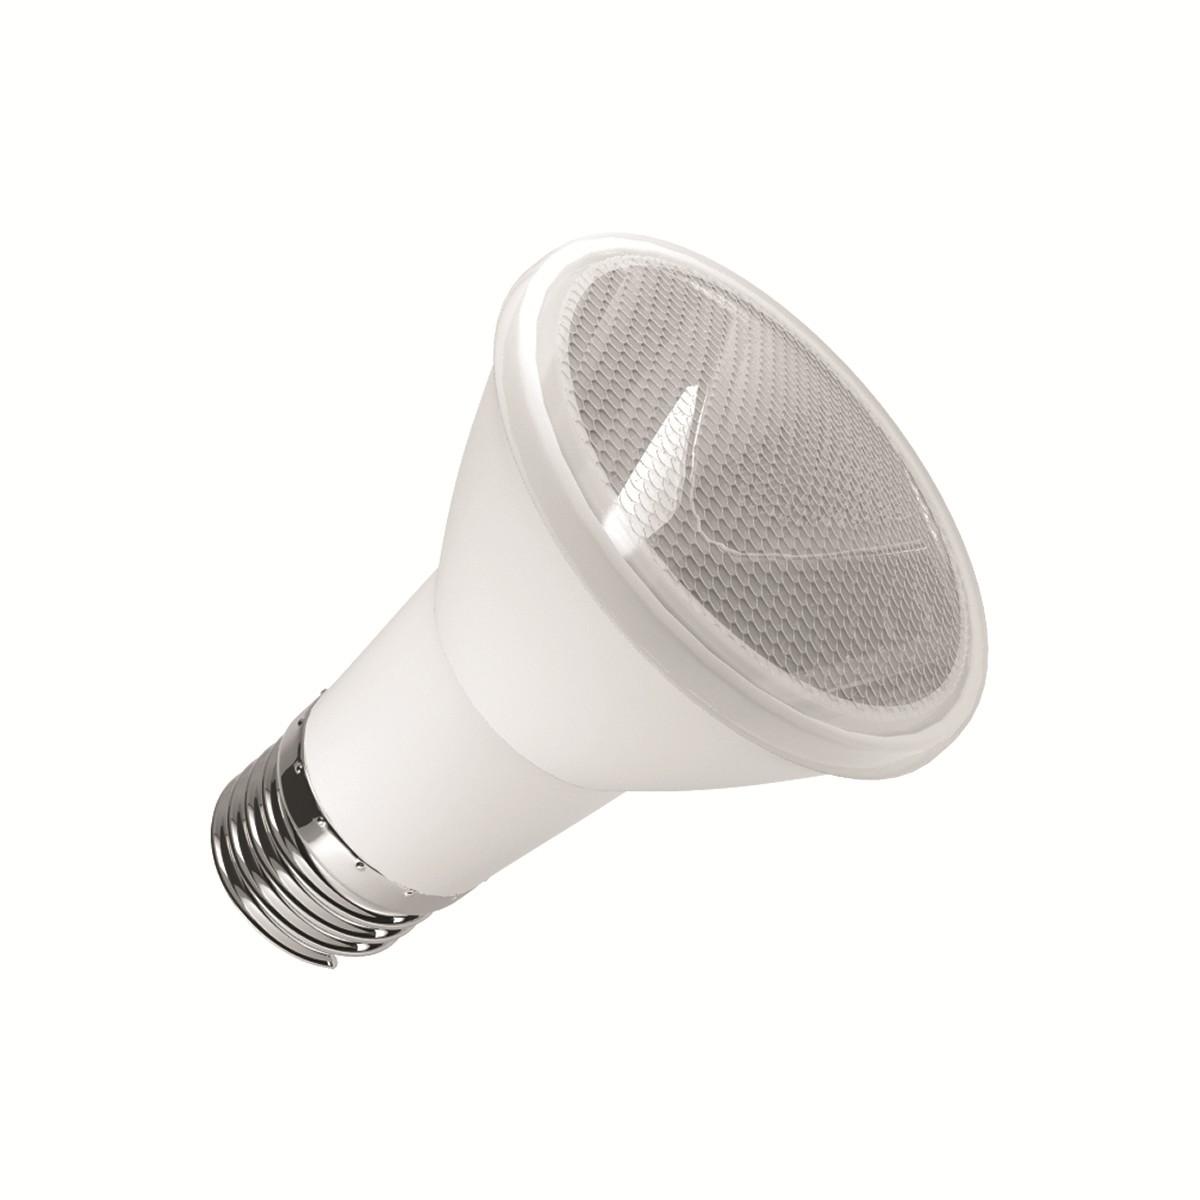 Lampada LED PAR20 6W E27 IP65 Amarela - Luminatti